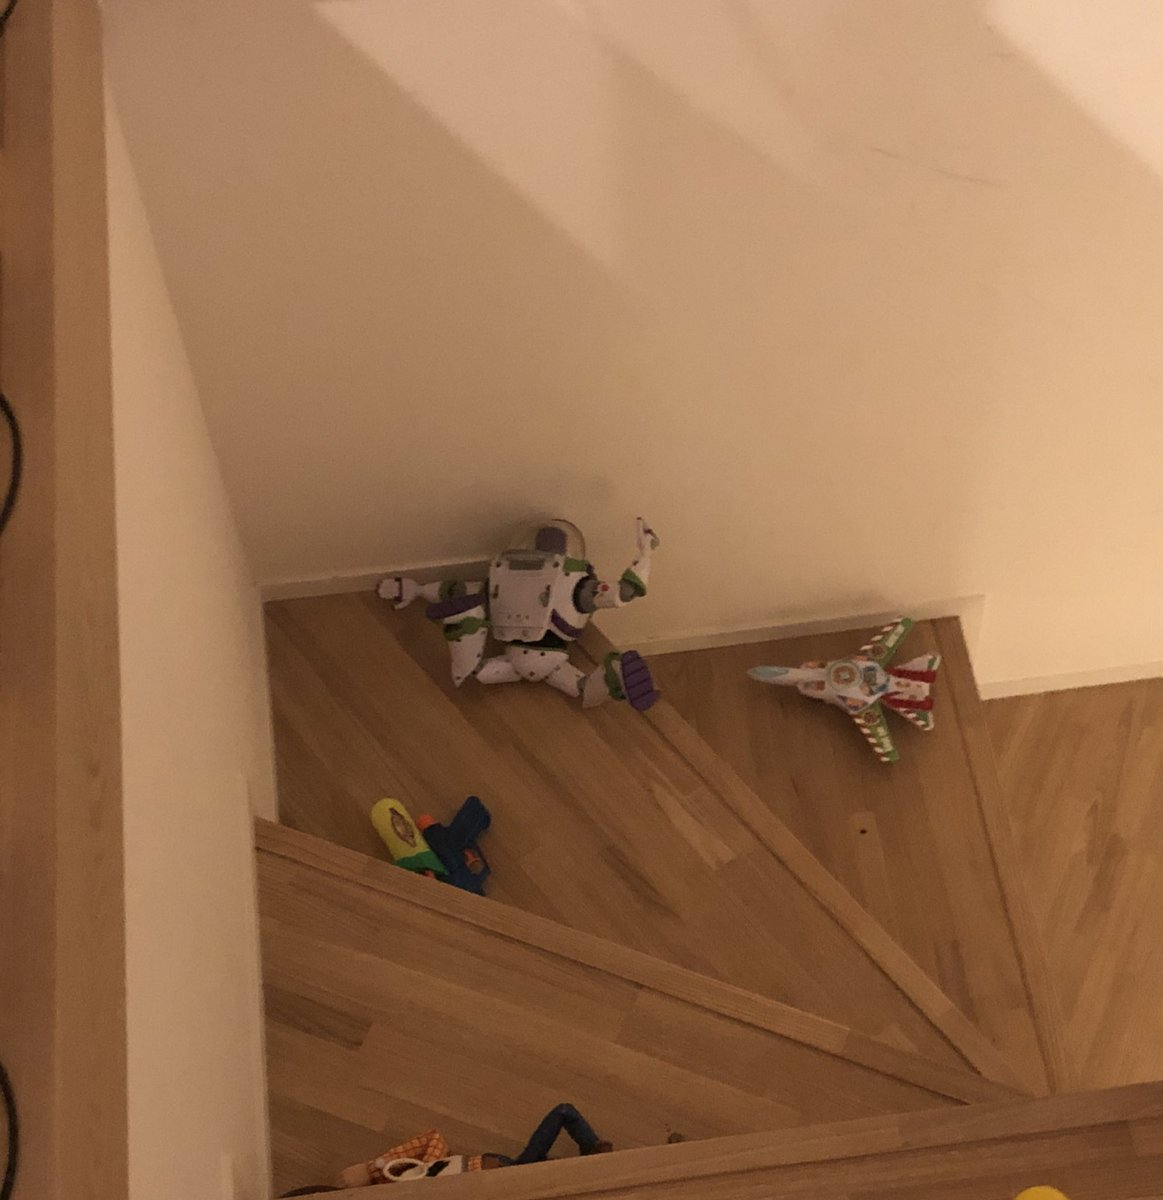 今日夕方頃、2名の戦士が階段で身動きが取れない状態で発見されました。すぐ救出に向かい話を聞くと2人は「これが私達の本望です」と男らしく語りました。本日もお疲れ様でした。